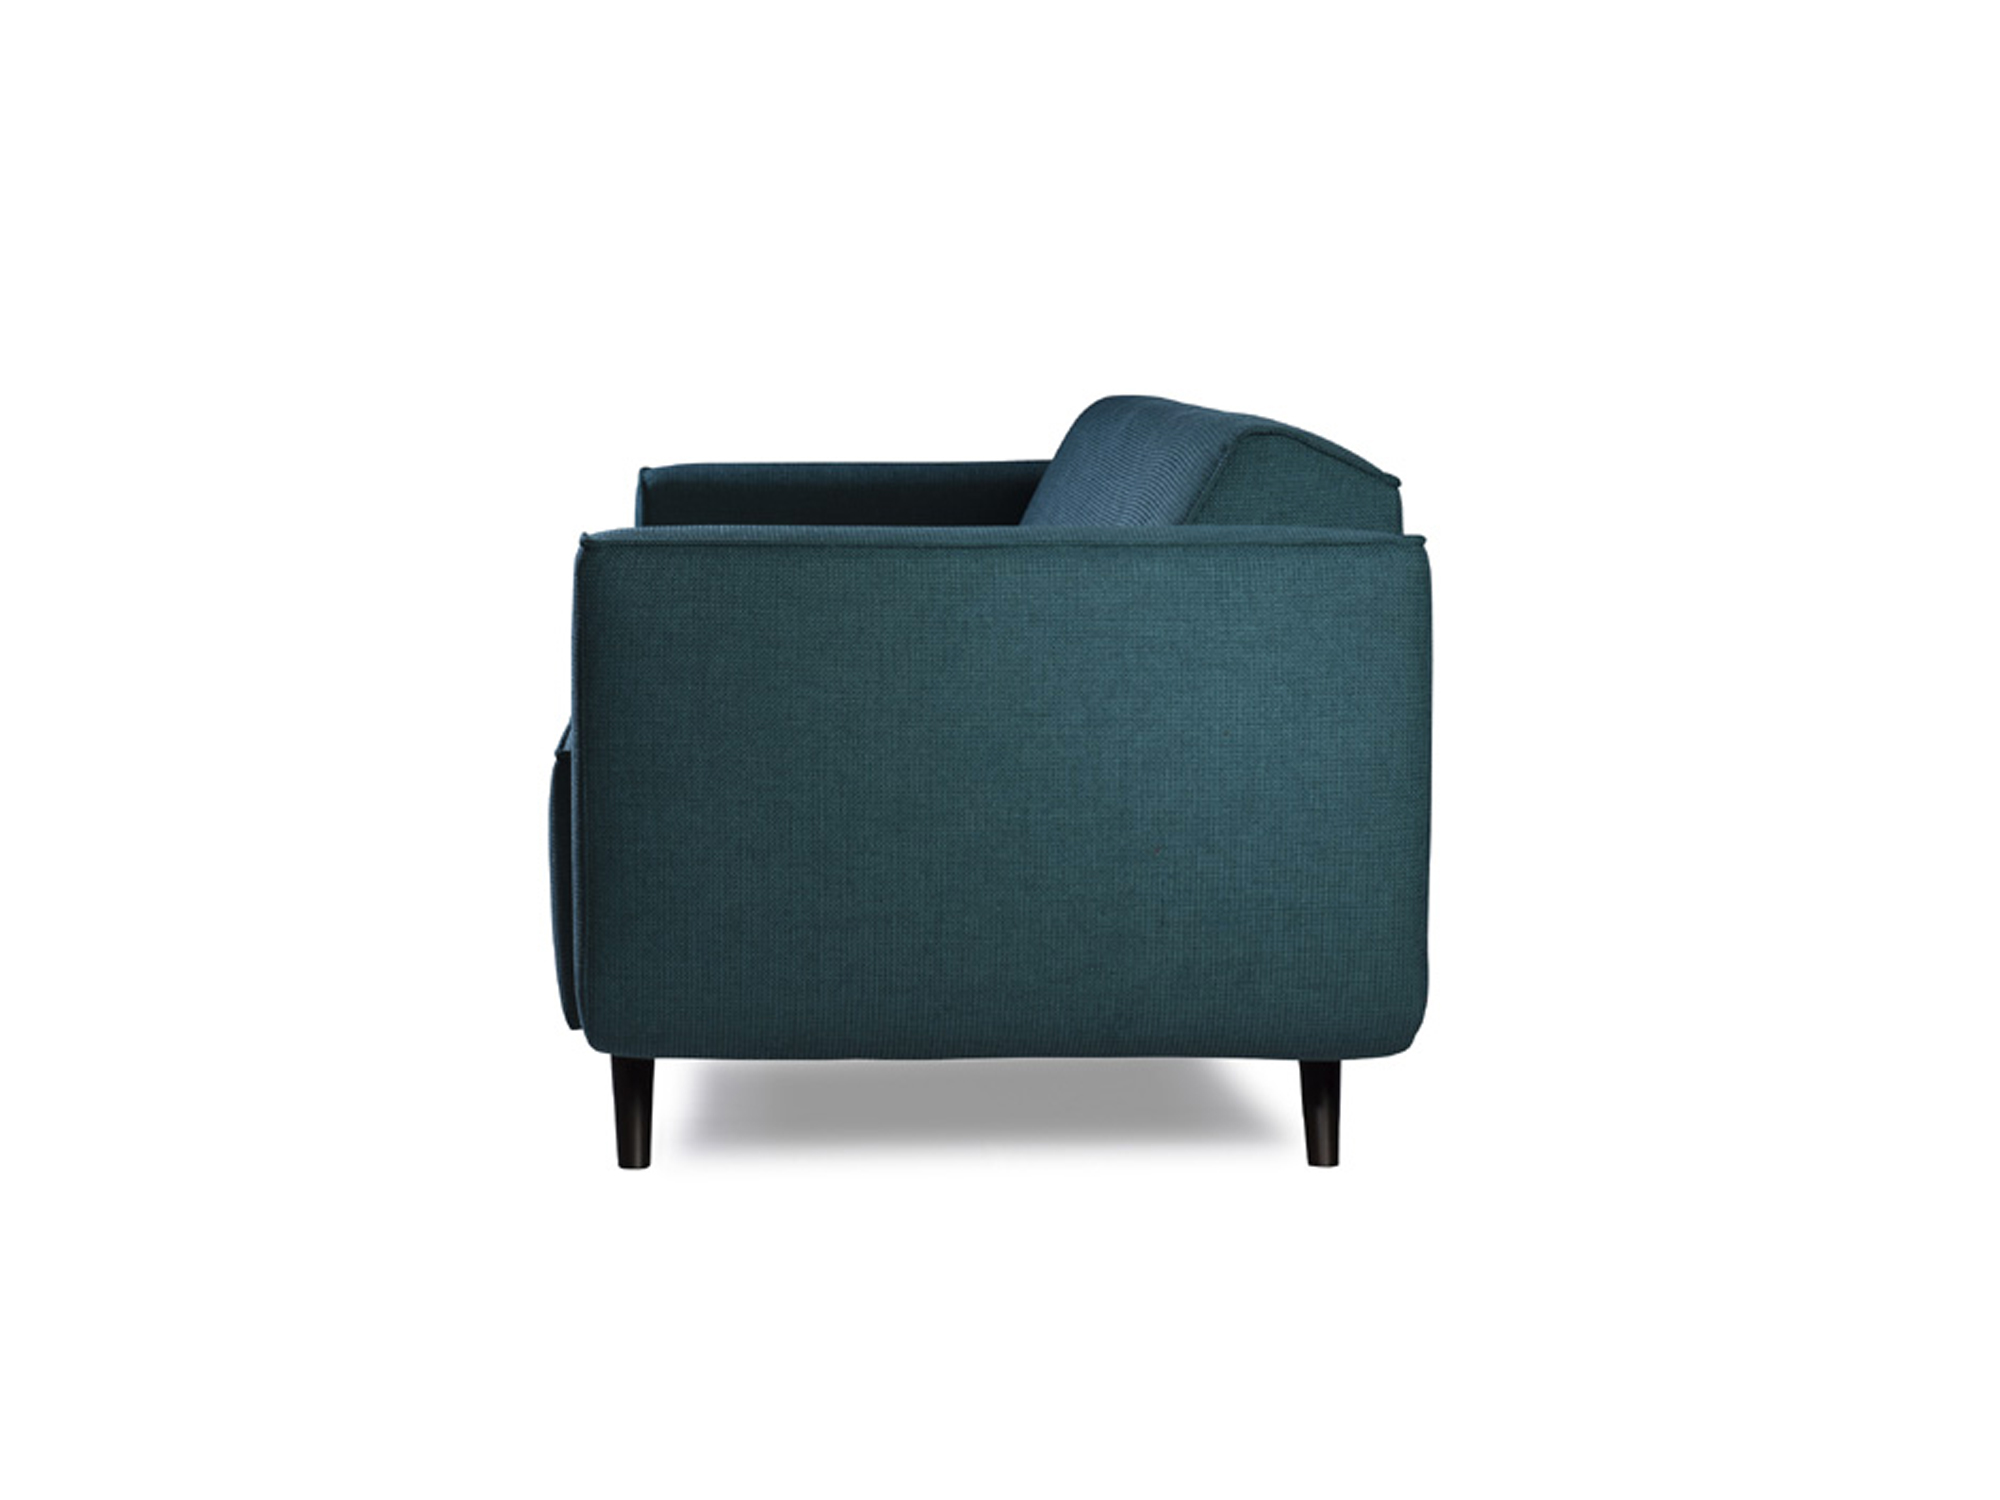 designbank_Vondellaan_petrol minimalistisch design zijkant